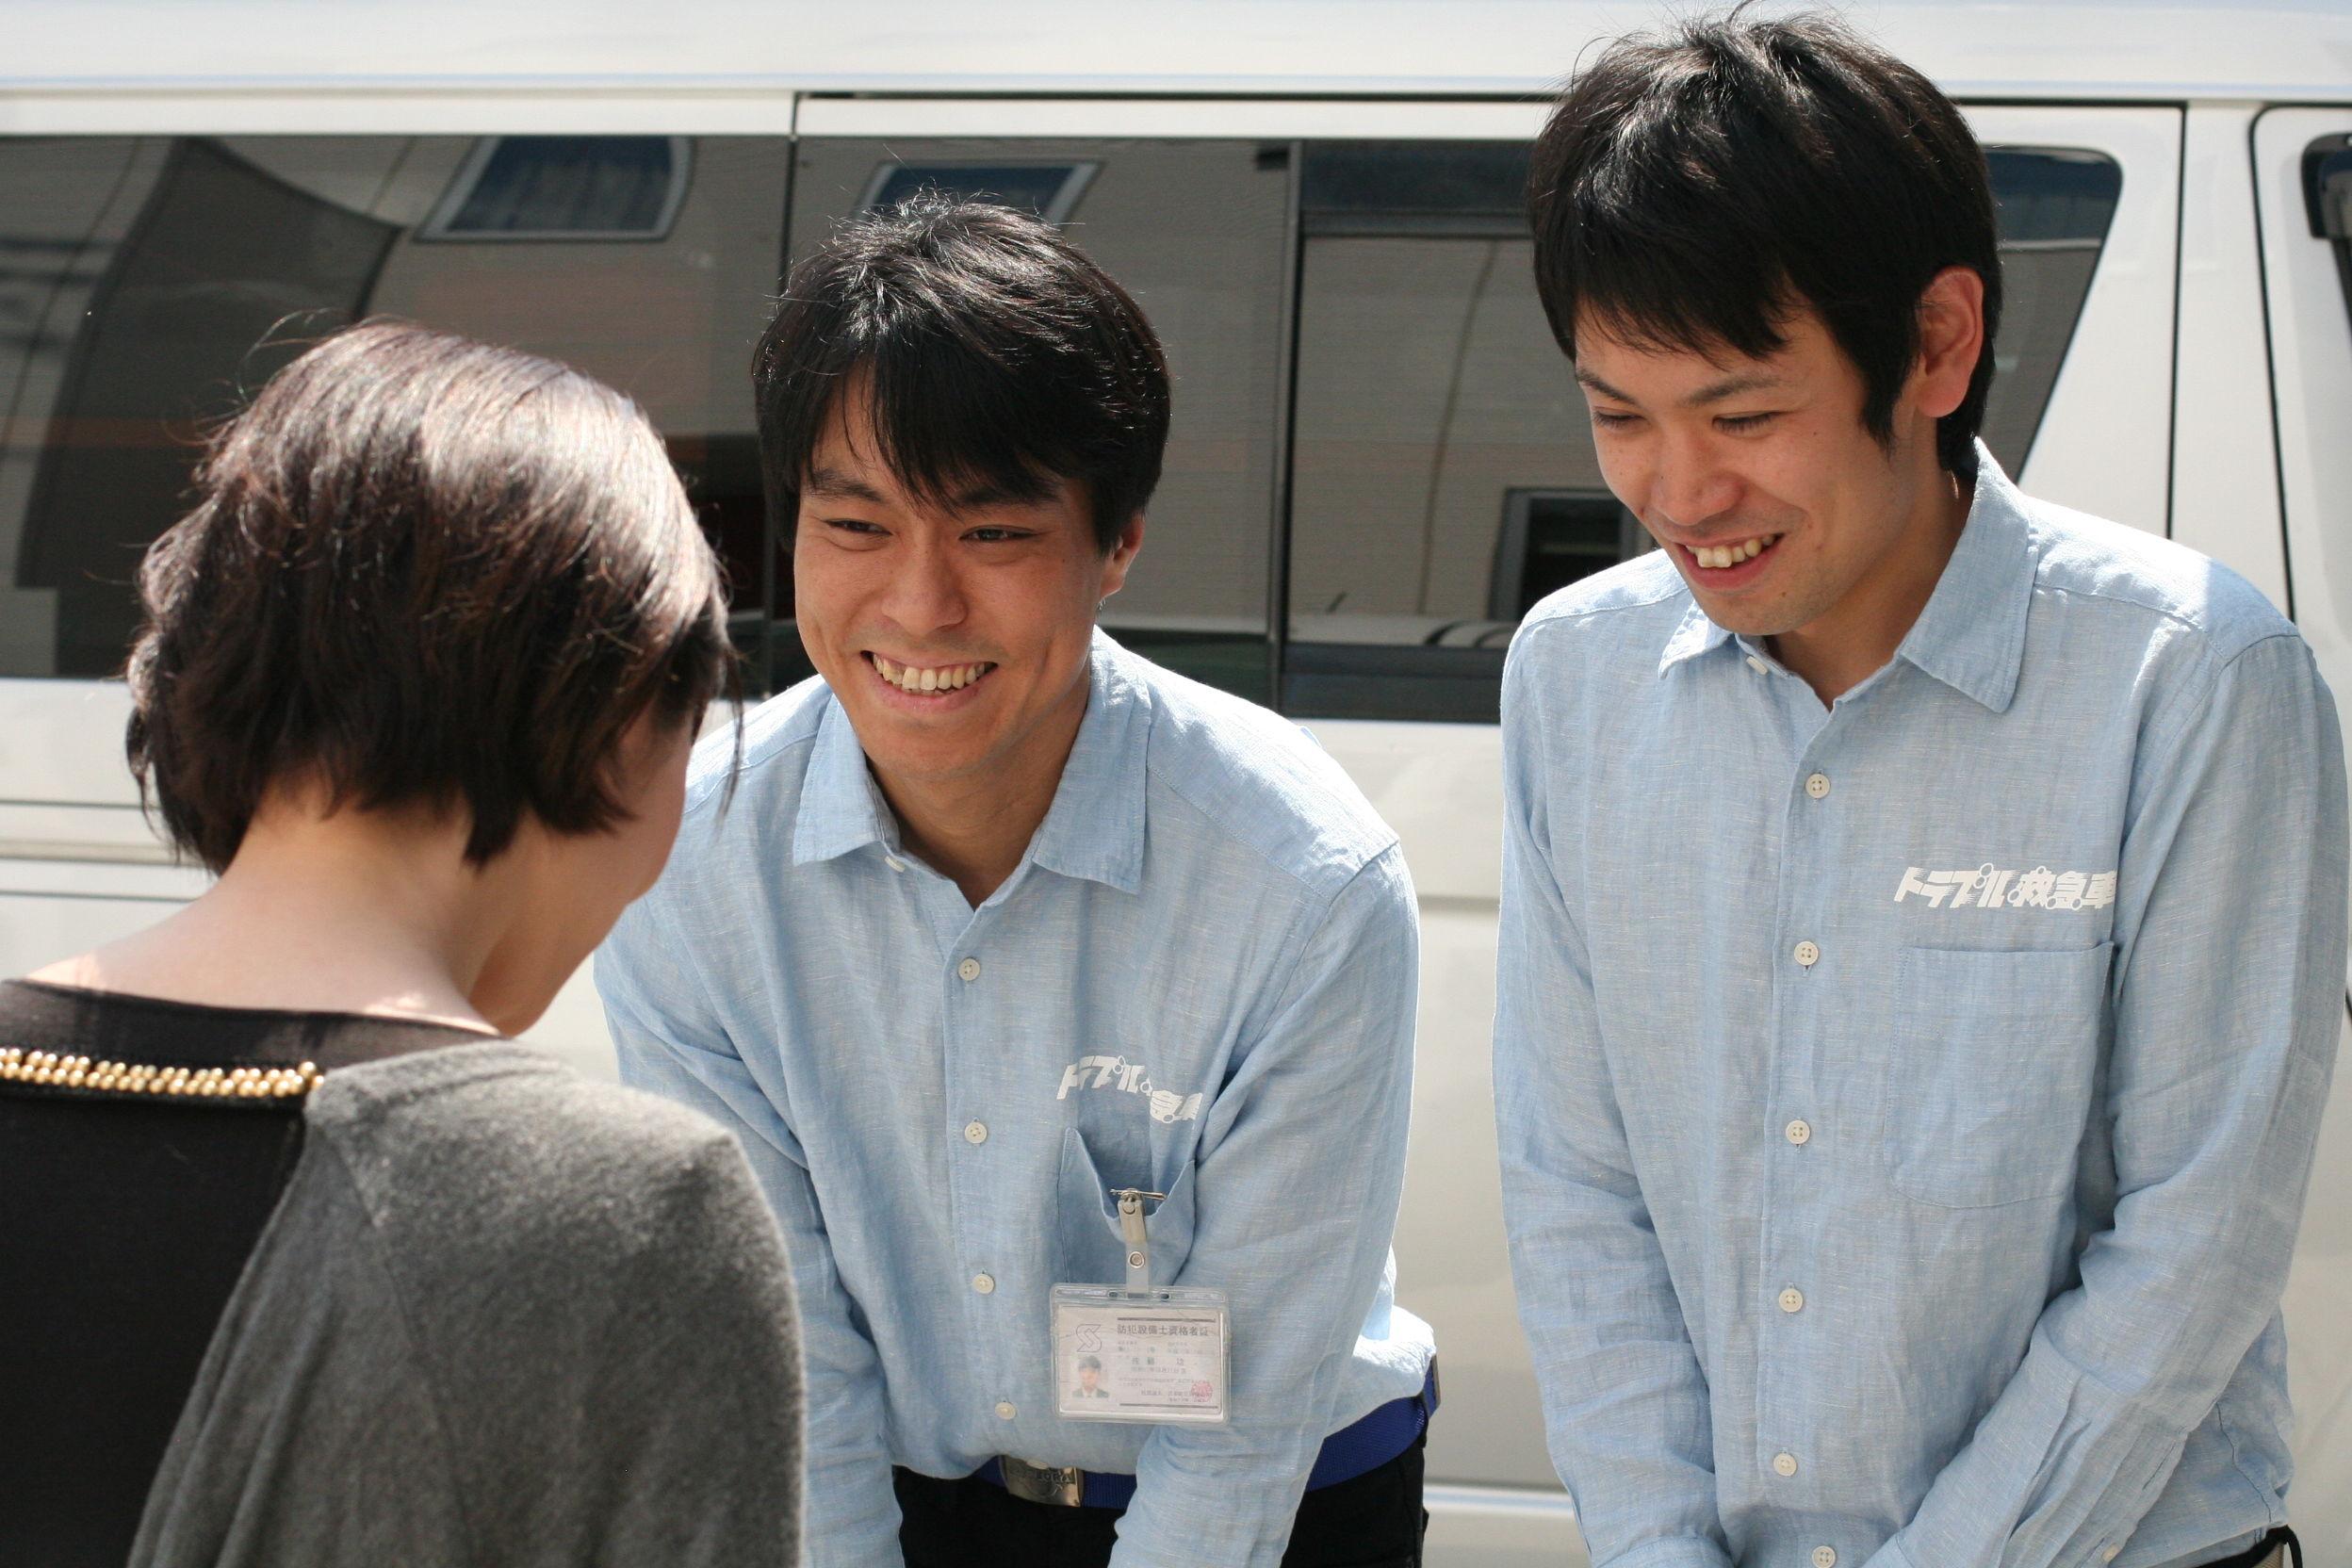 カギのトラブル救急車【名古屋市中区 出張エリア】のアピールポイント1